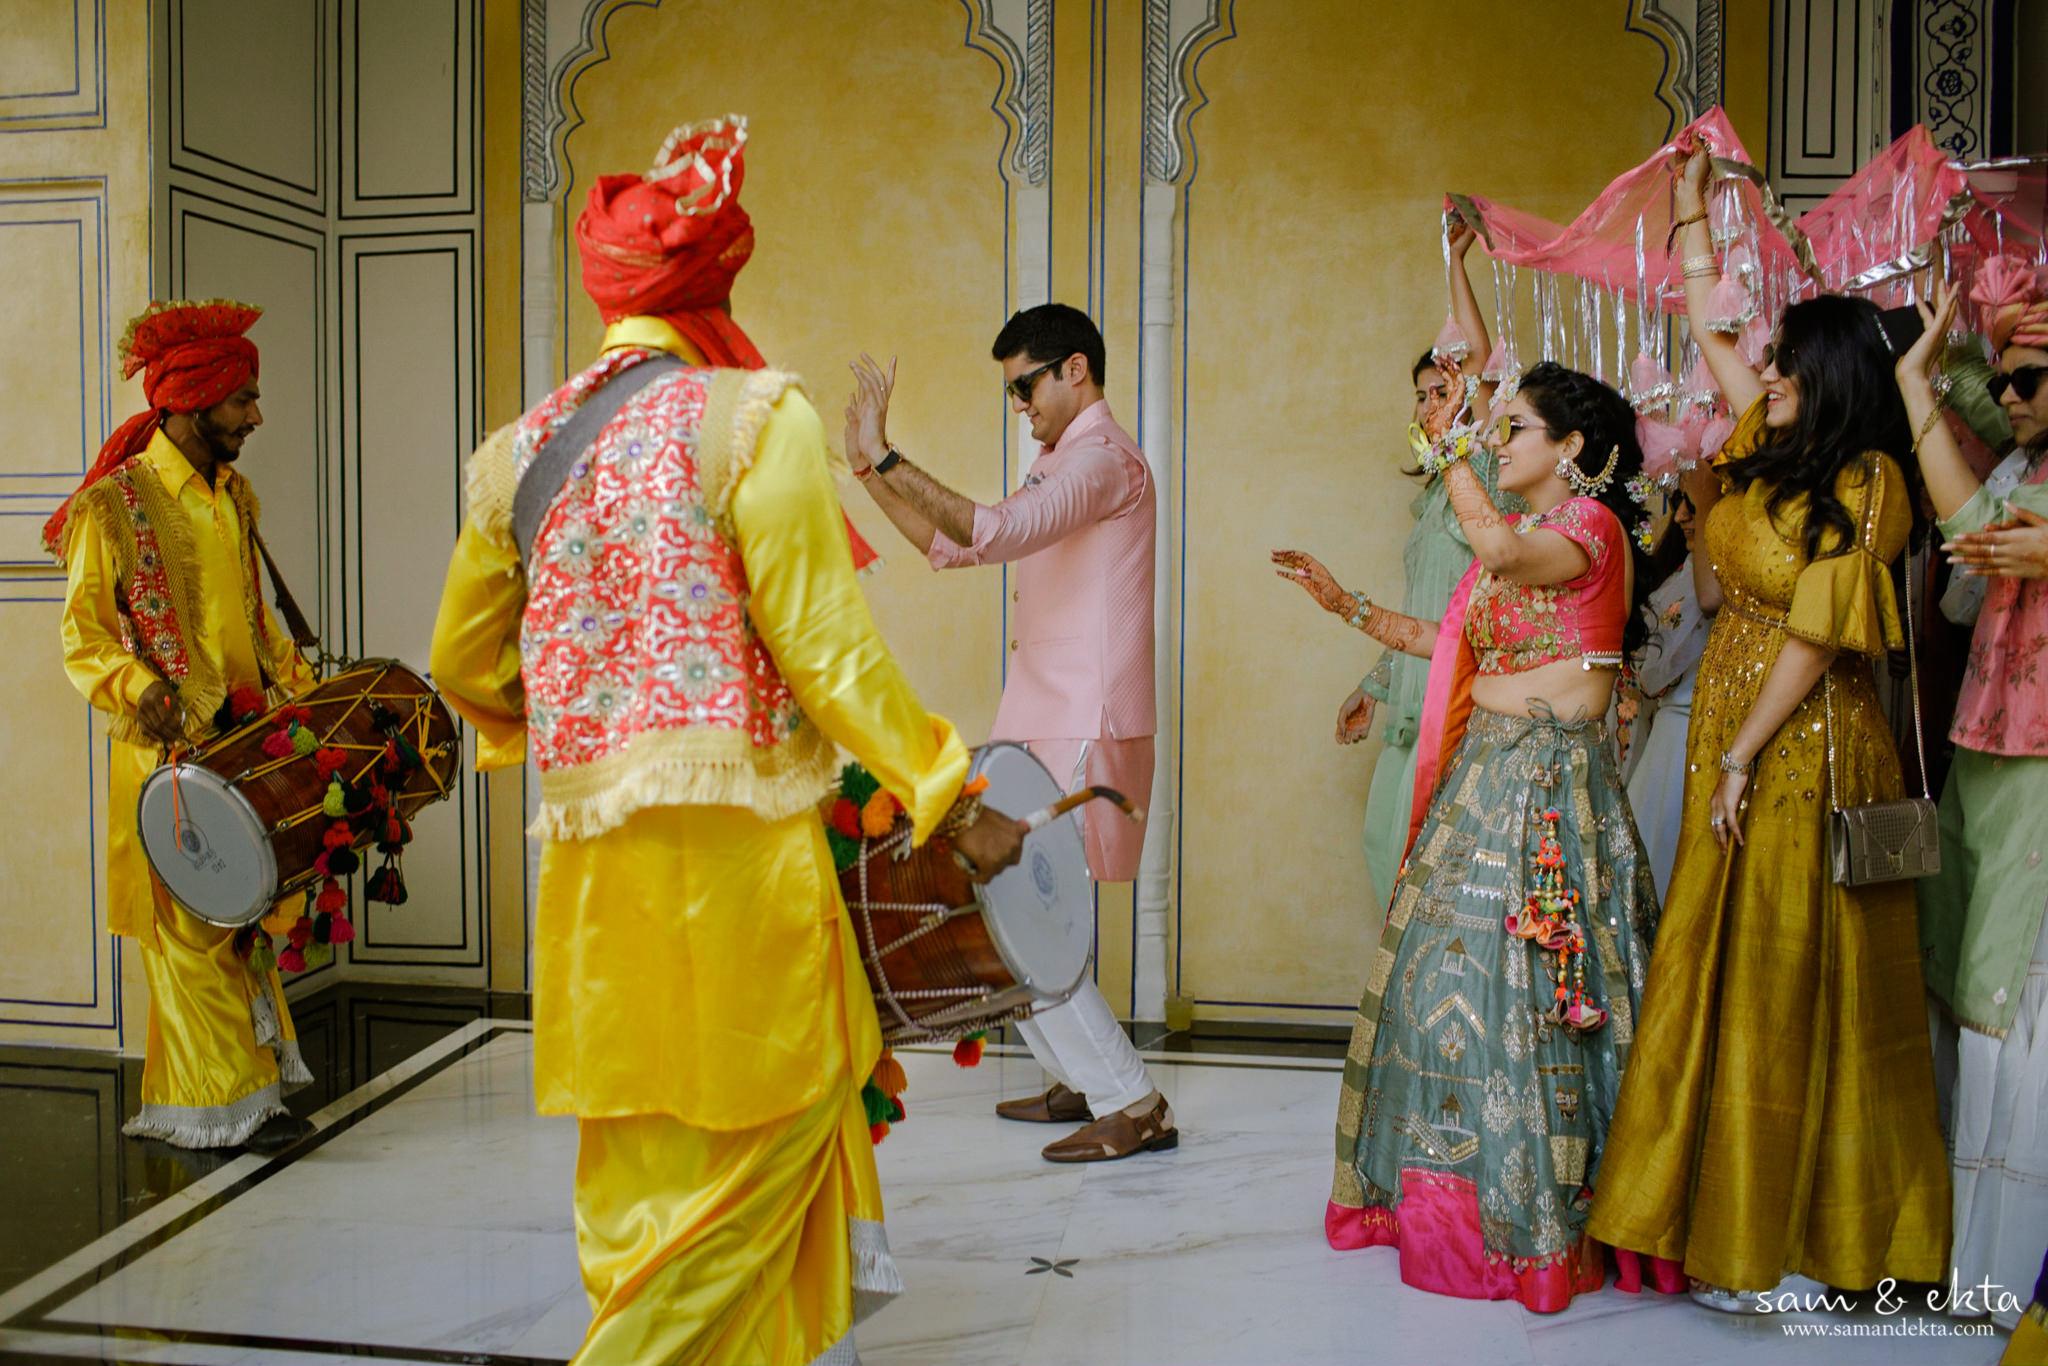 R&R_Marriott Jaipur_www.samandekta.com-19.jpg